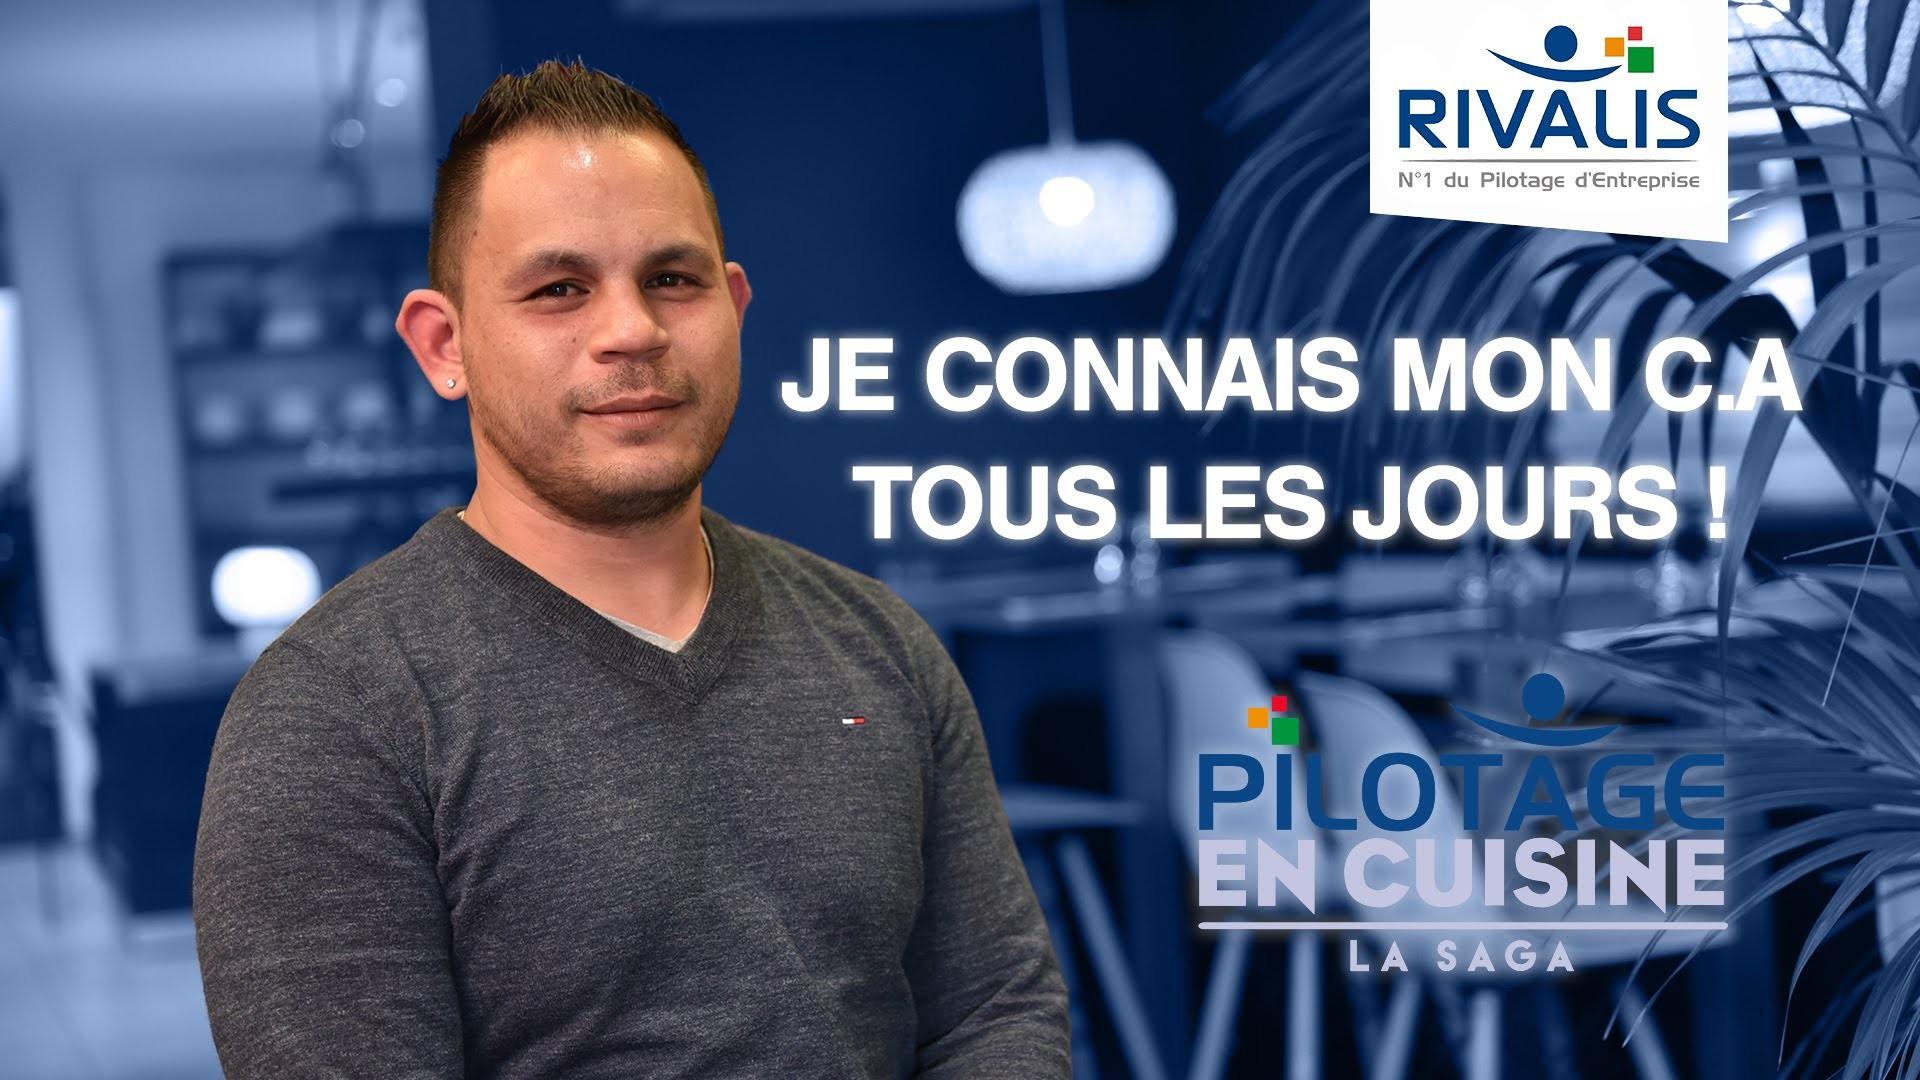 Cauchemar En Cuisine Replay Gordon Impressionnant Stock Témoignage Client Rivalis Rémy Restaurateur 13 Pilotage En Nouvelles